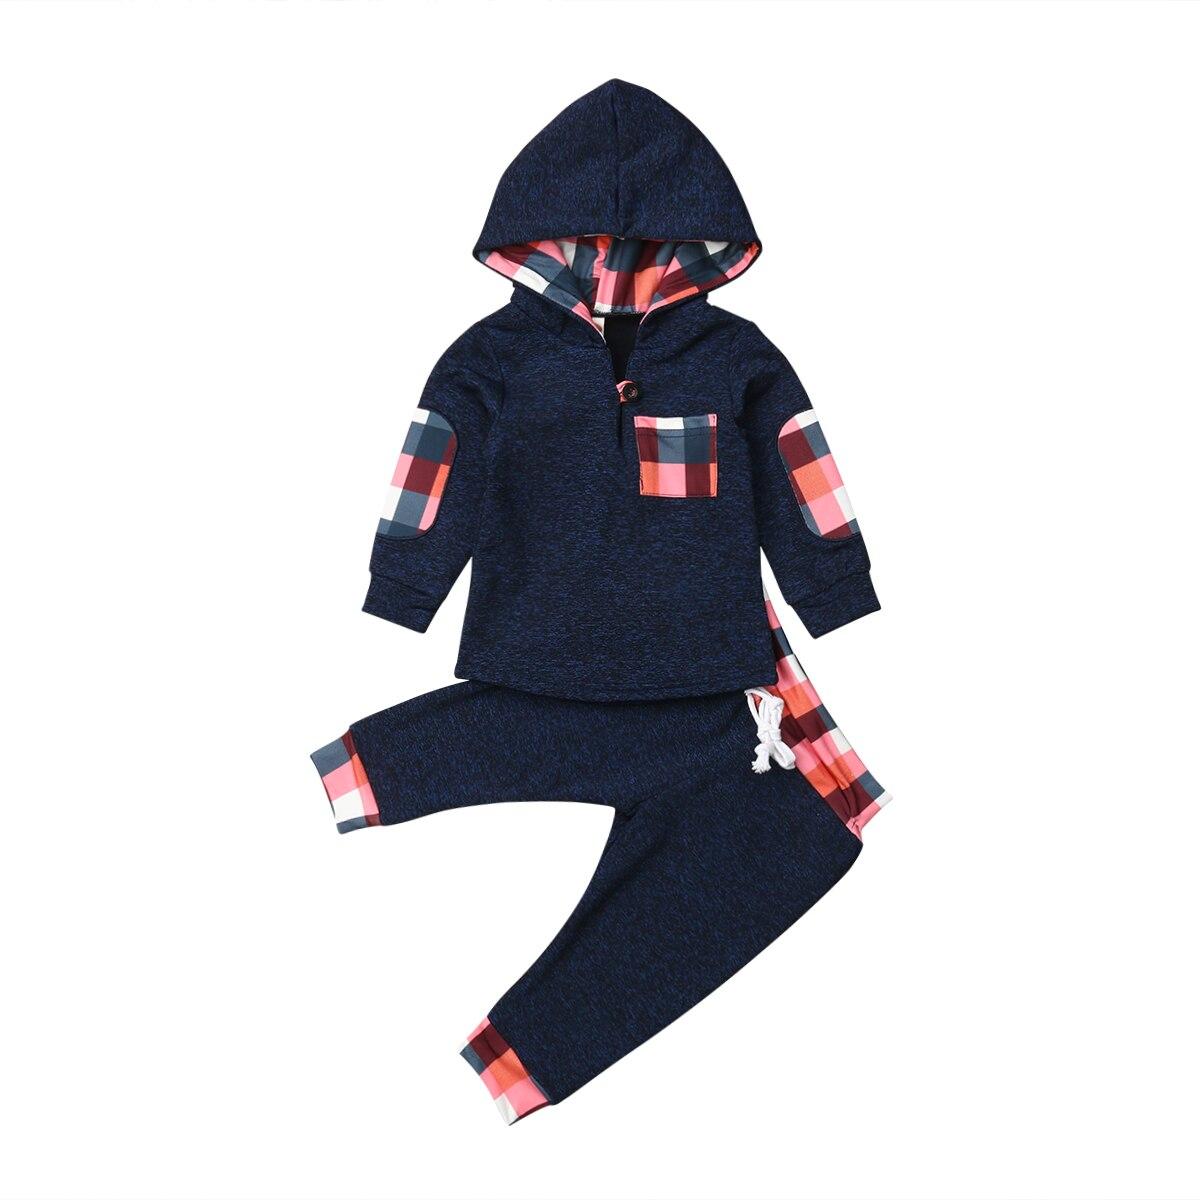 d7ce52e0d Bebê recém-nascido Da Menina do Menino Conjuntos de Roupas de Outono Inverno  Com Capuz Tops Calças Xadrez de Algodão Quente 2 pcs Set Outfits Meninos 0  -3 t